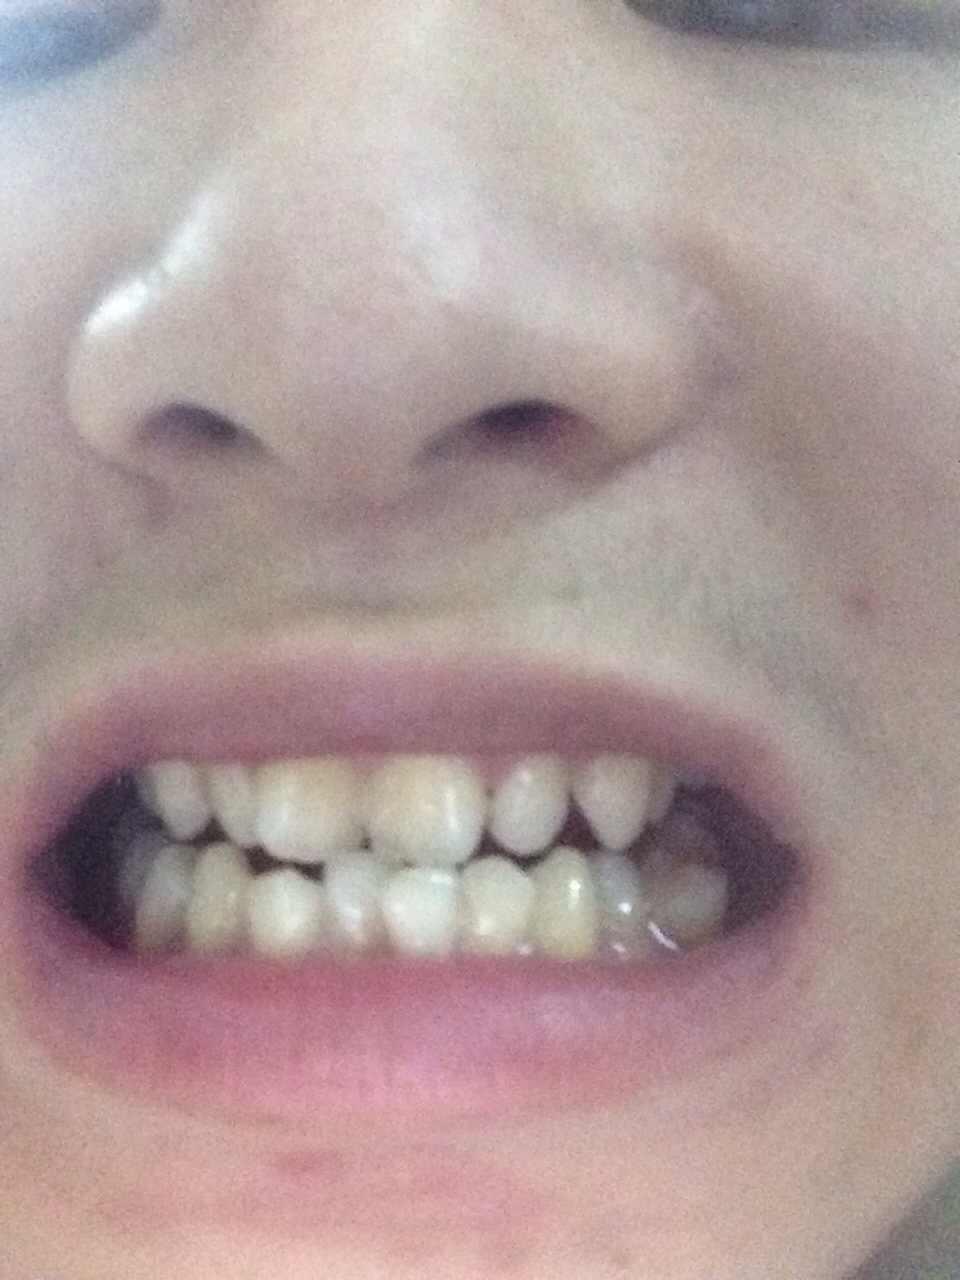 隐形矫正牙齿效果好吗,跟传统矫正哪个效果好只求效果